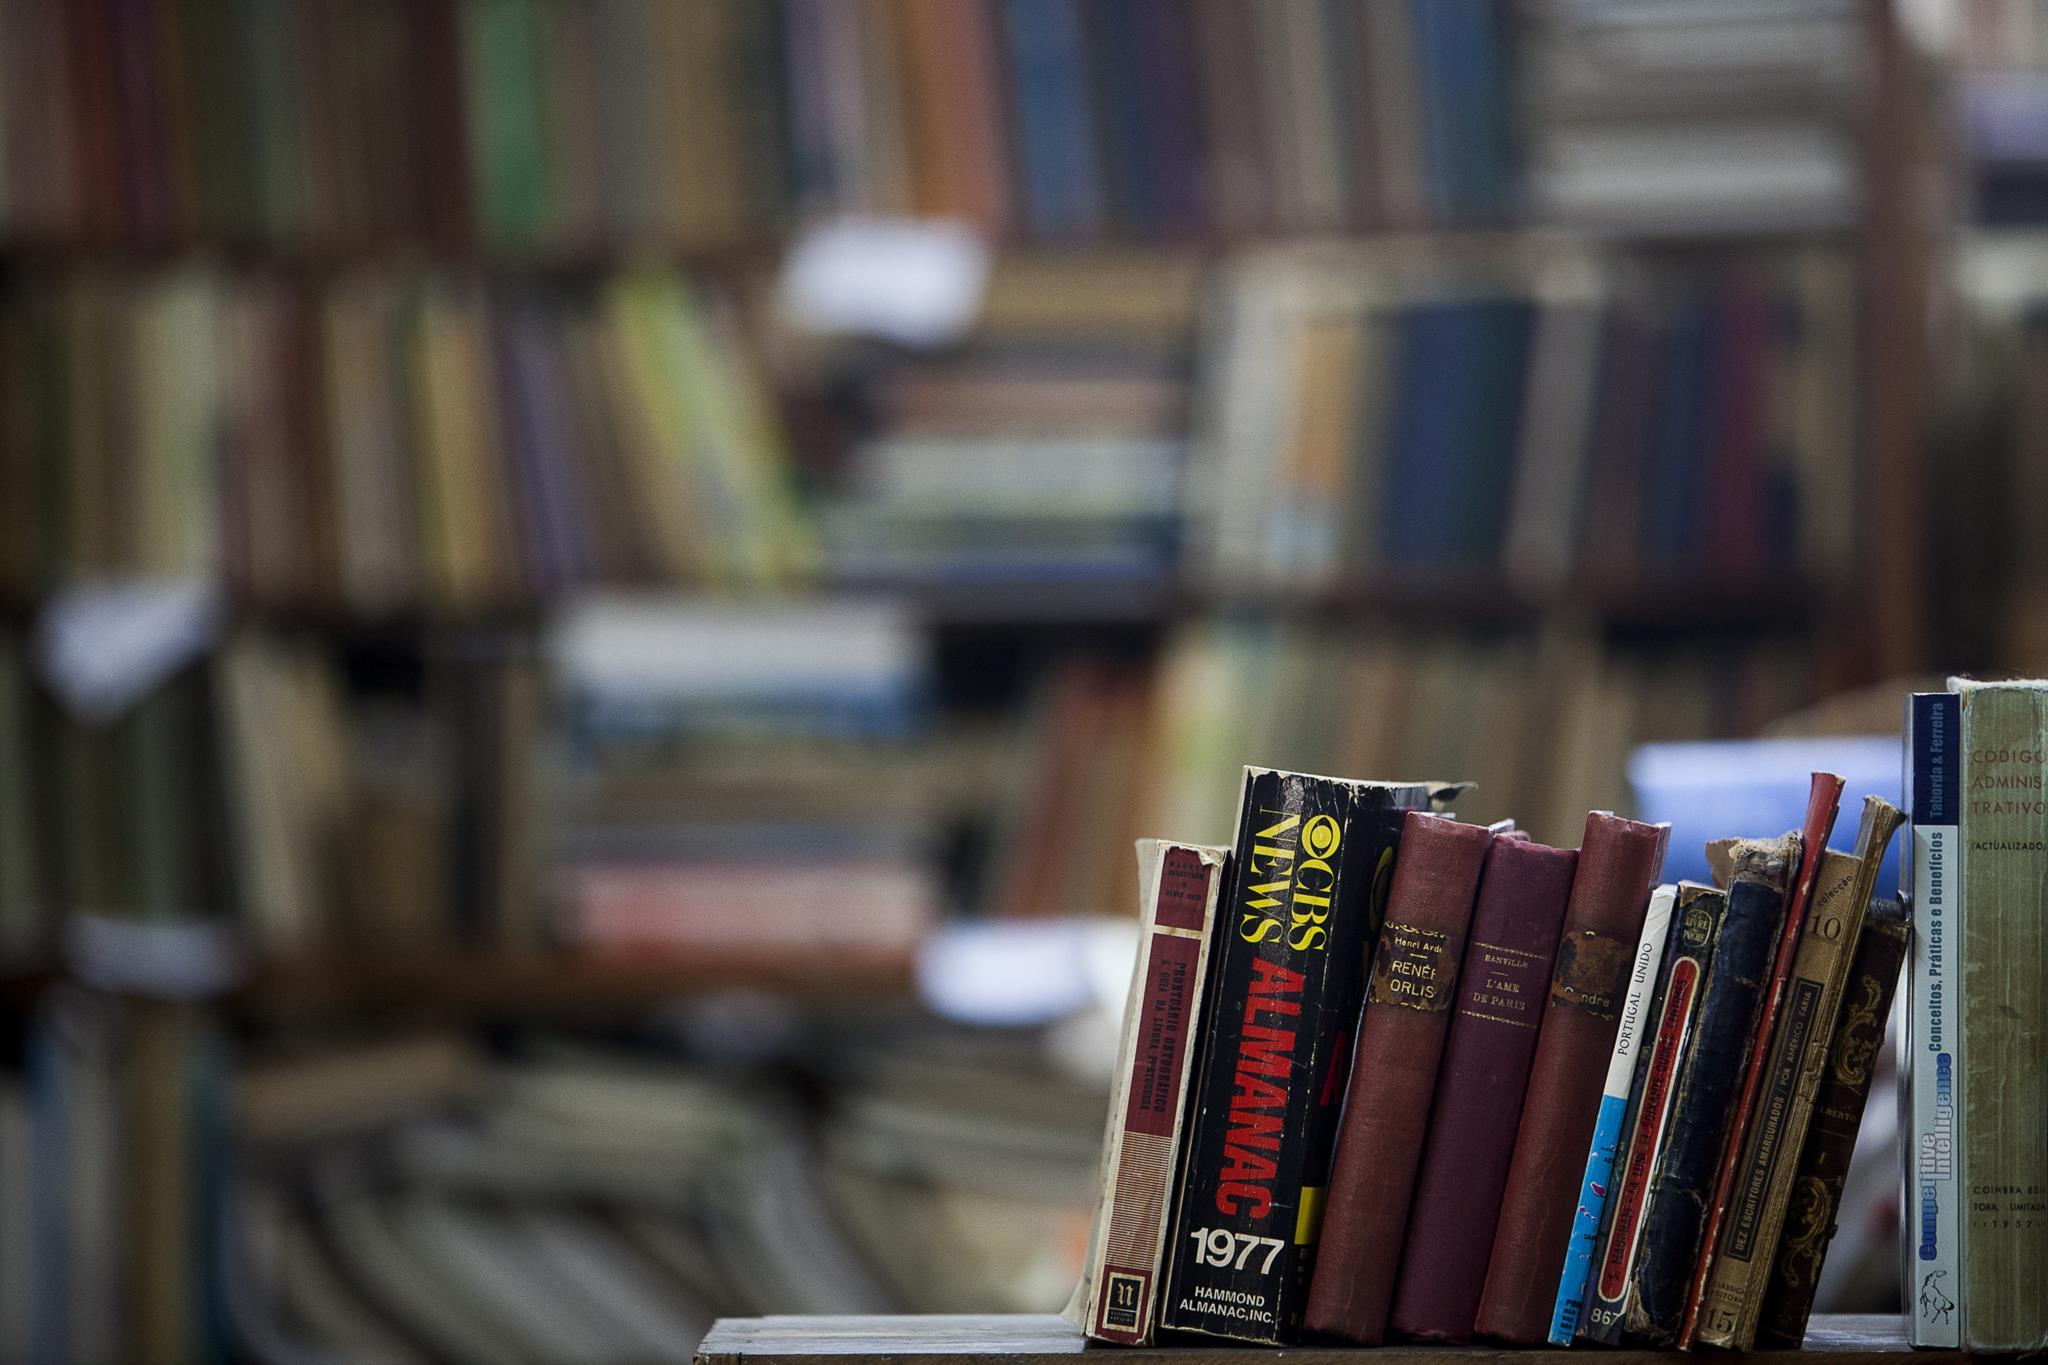 PÚBLICO - Quer arranjar espaço nas prateleiras? Venha vender livros a Cedofeita